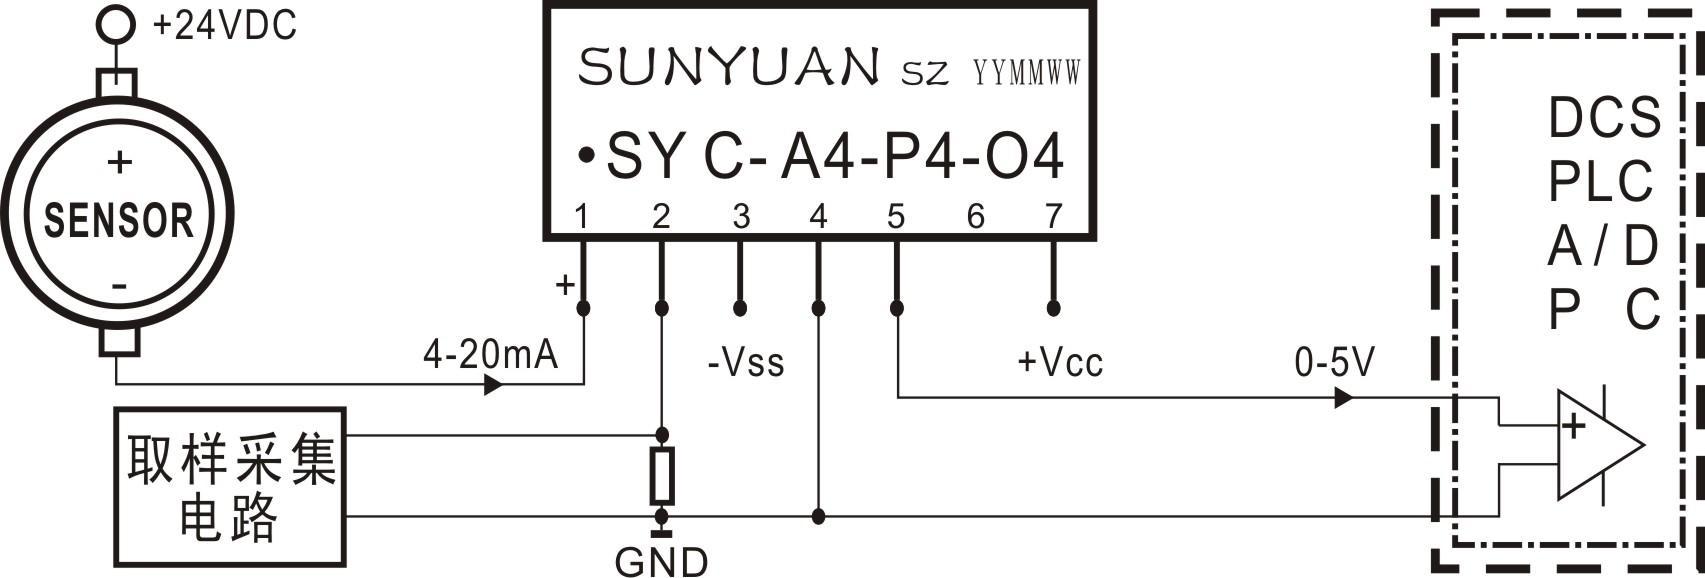 此电路应用在两线制输入回路信号多路采集并有共地问题的检测